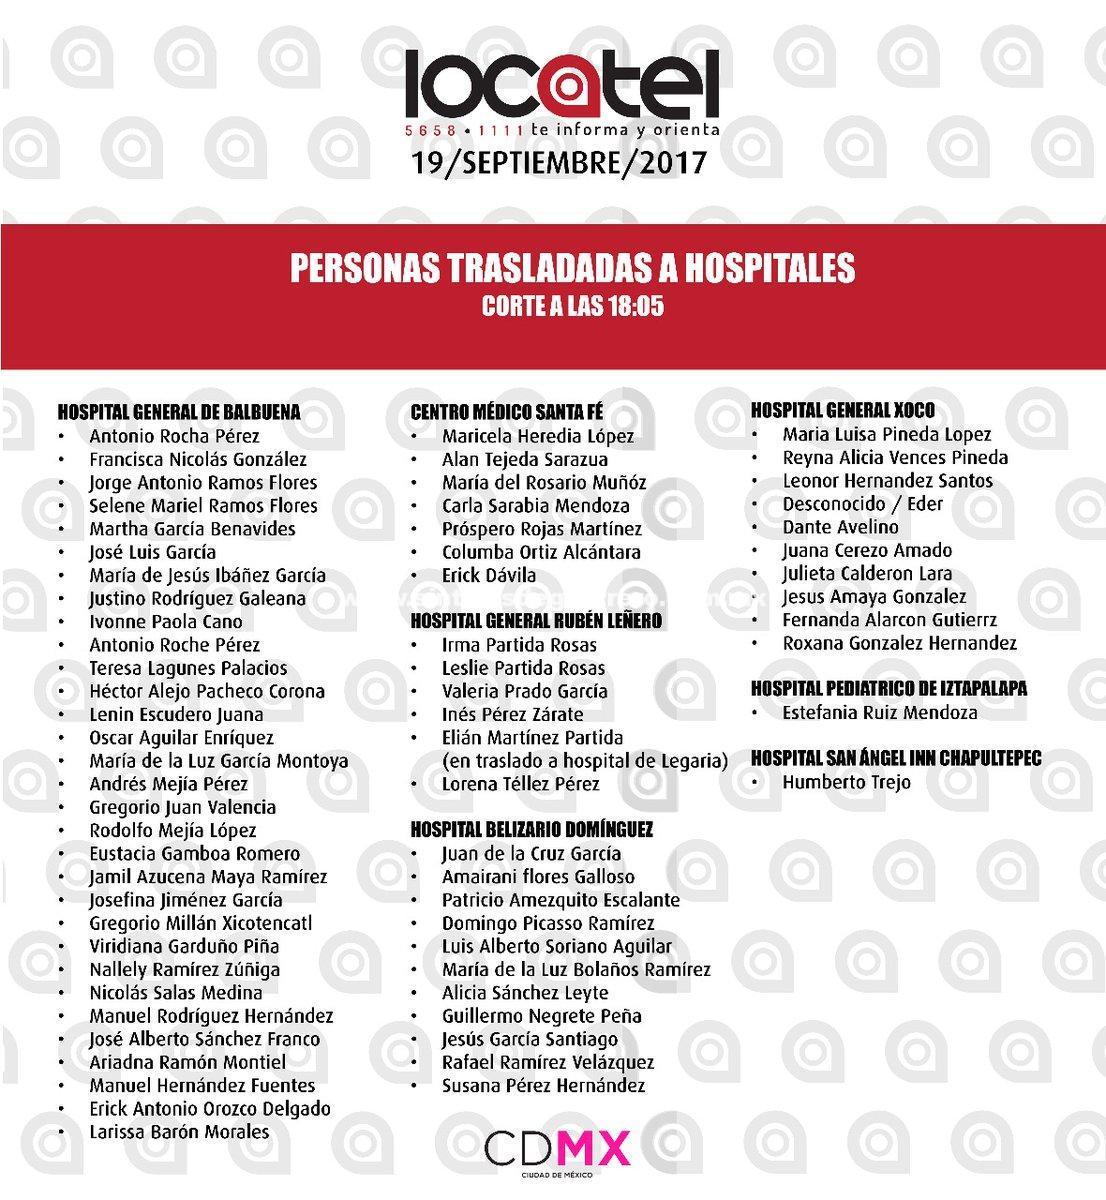 Publican lista de heridos en hospitales en CDMX